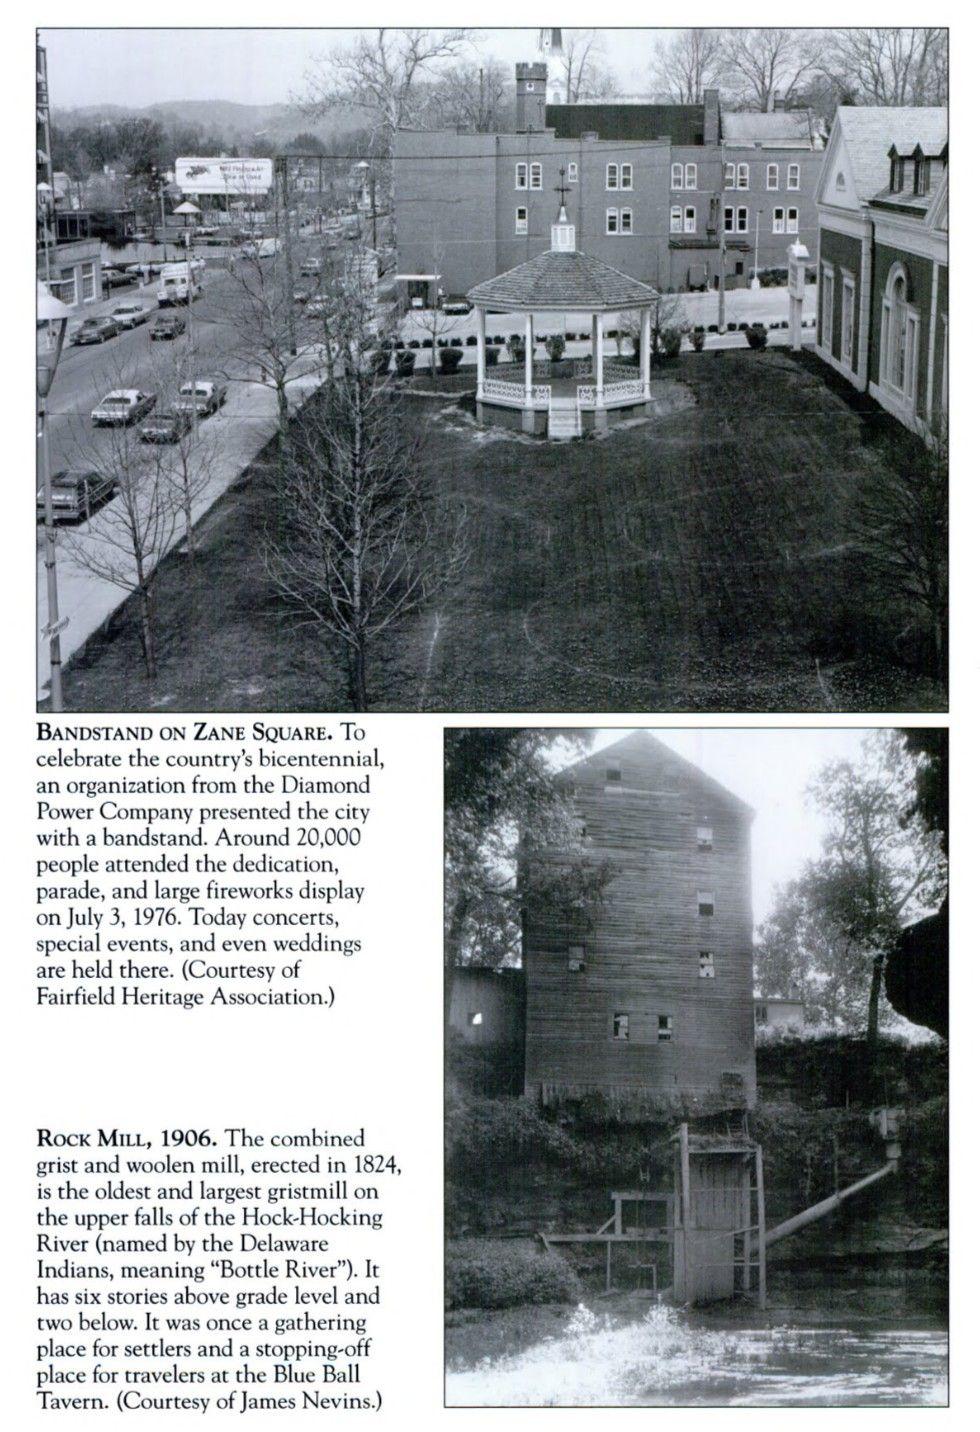 120518d7a5b907a5938f43b5a5a01d84 - Better Homes And Gardens Realty Lancaster Ohio